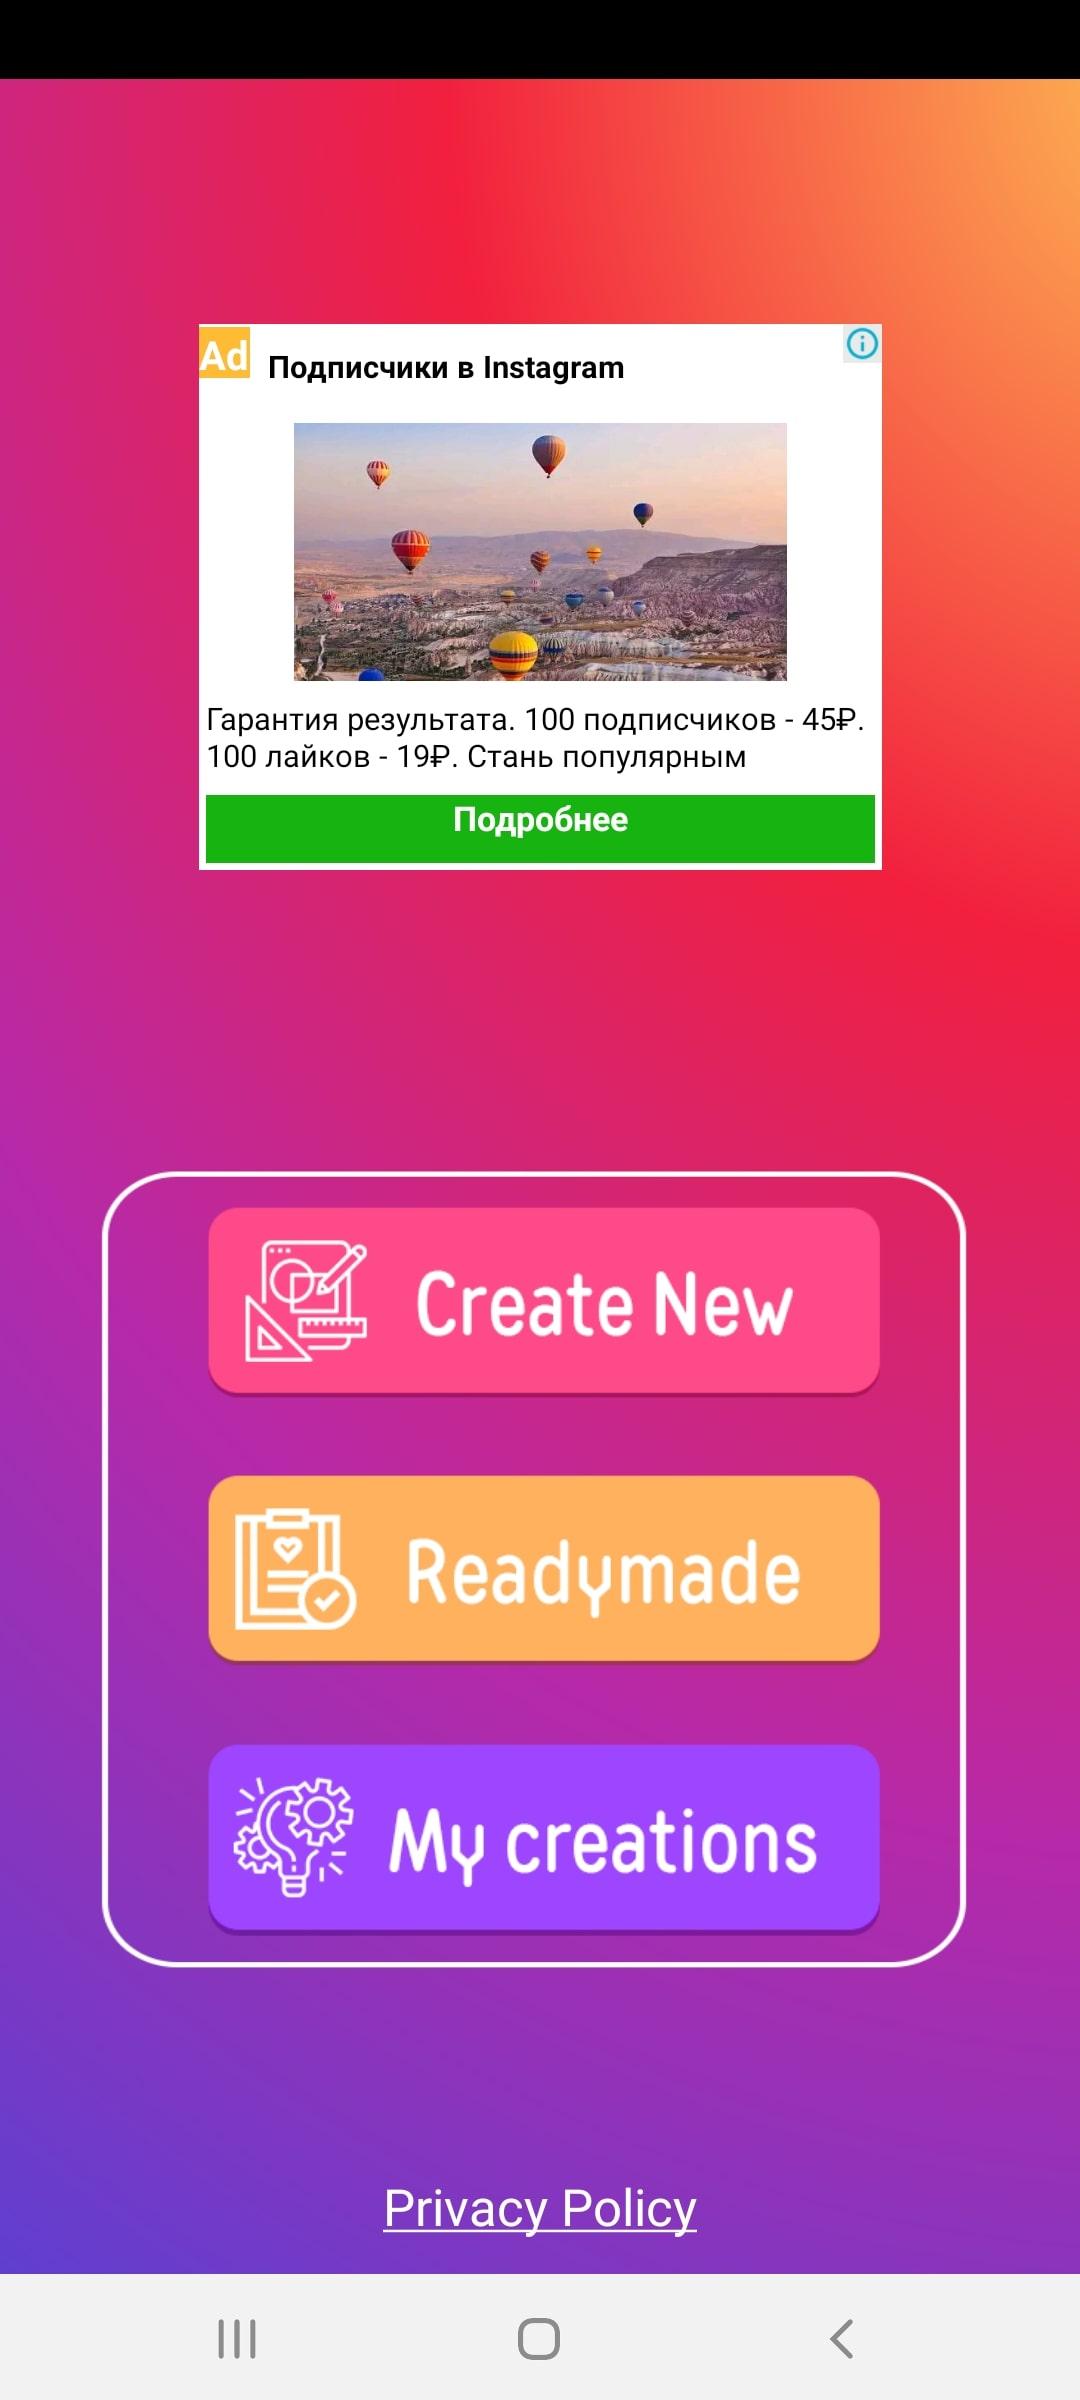 приложение накрутка подписчиков инстаграм